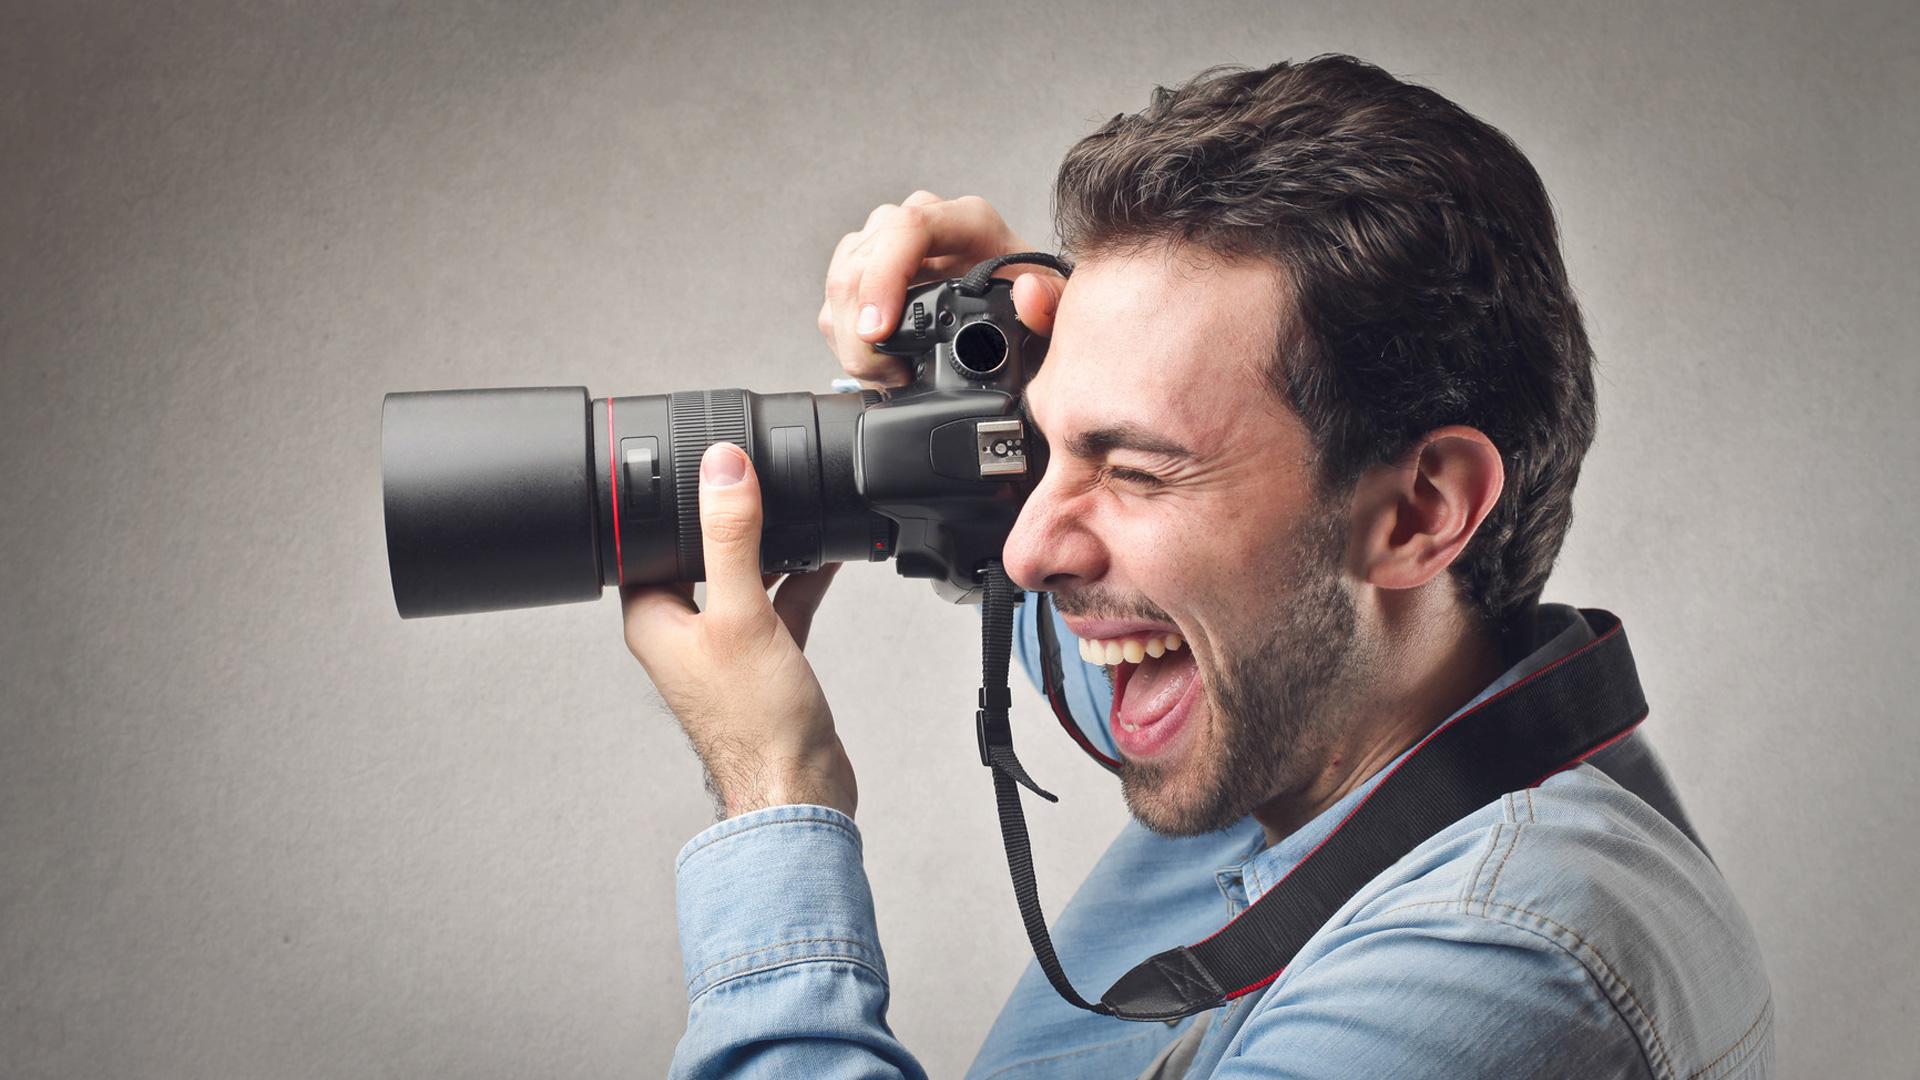 Video Boyutu Nasıl Küçültülür? Kalite Kaybı Olmadan Video Boyutu Küçültme!